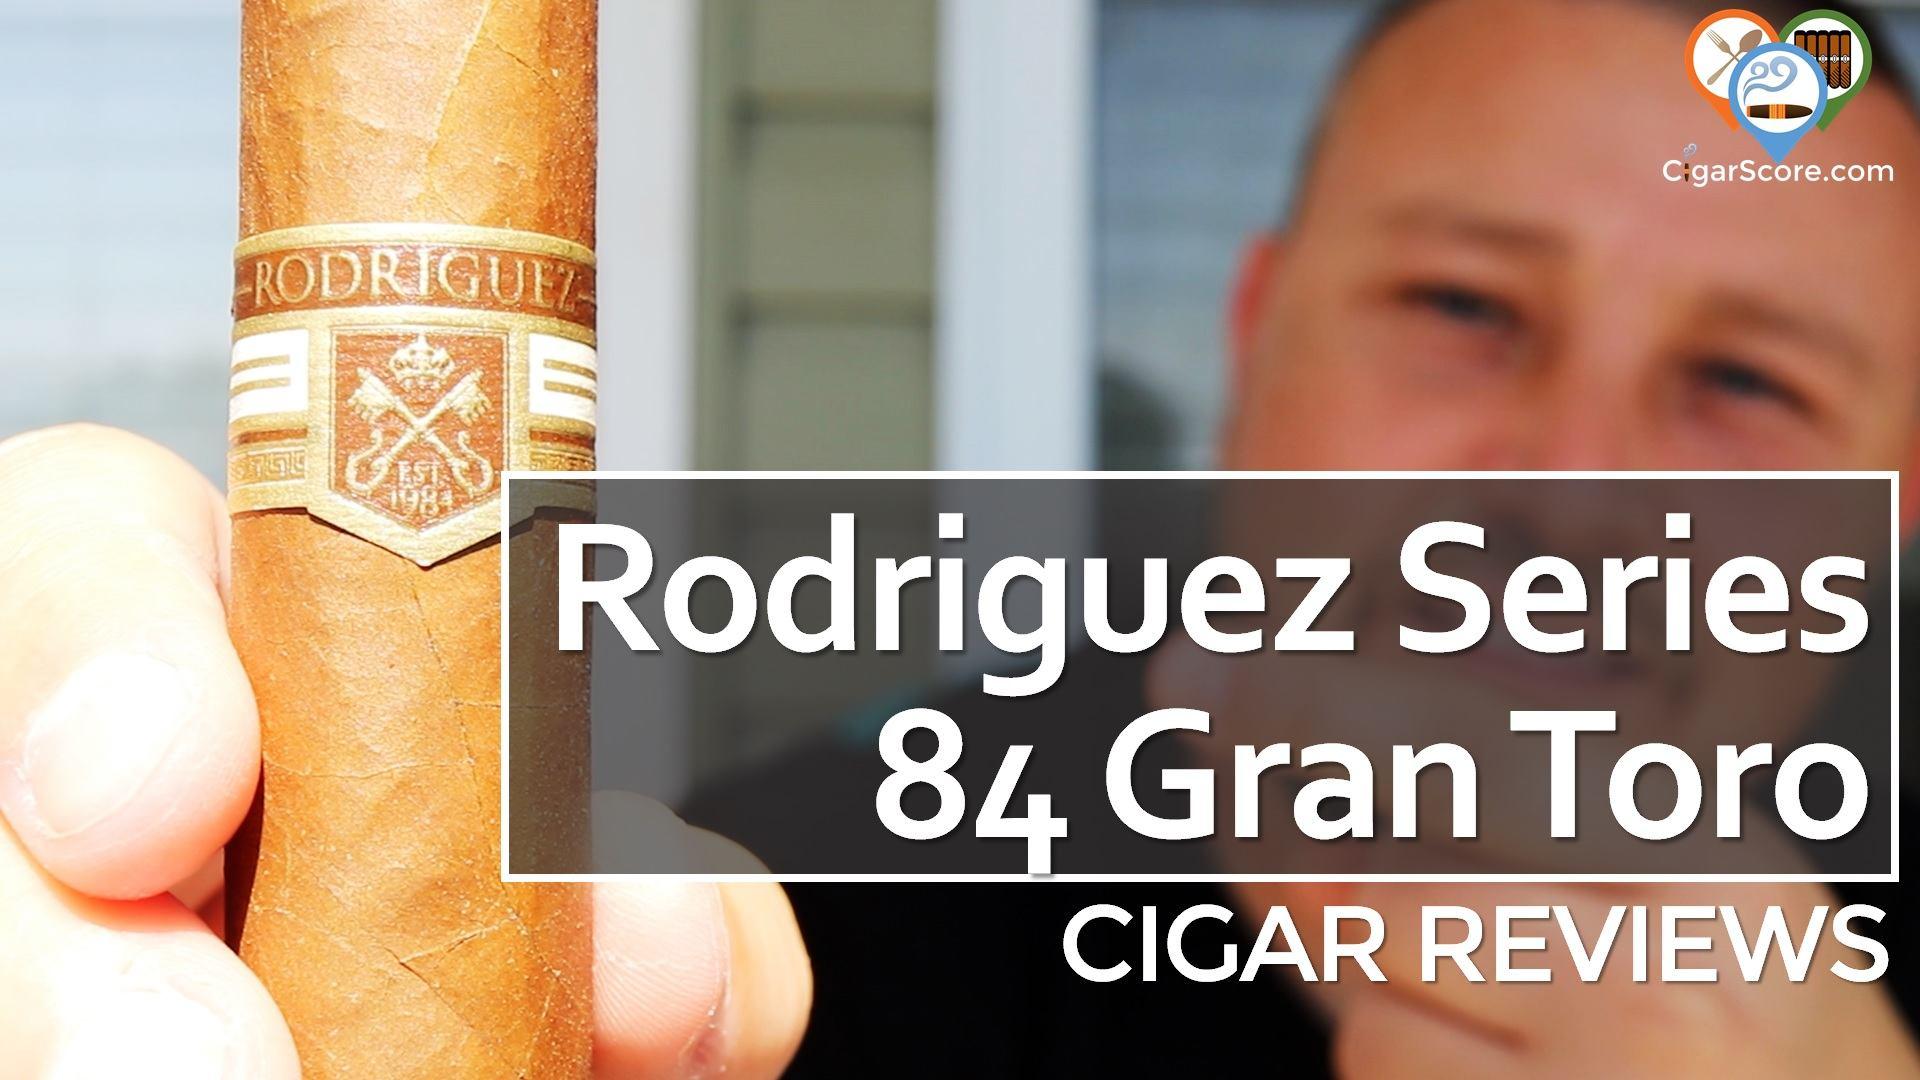 Cigar Review - Rodriguez Series 84 Natural Gran Toro